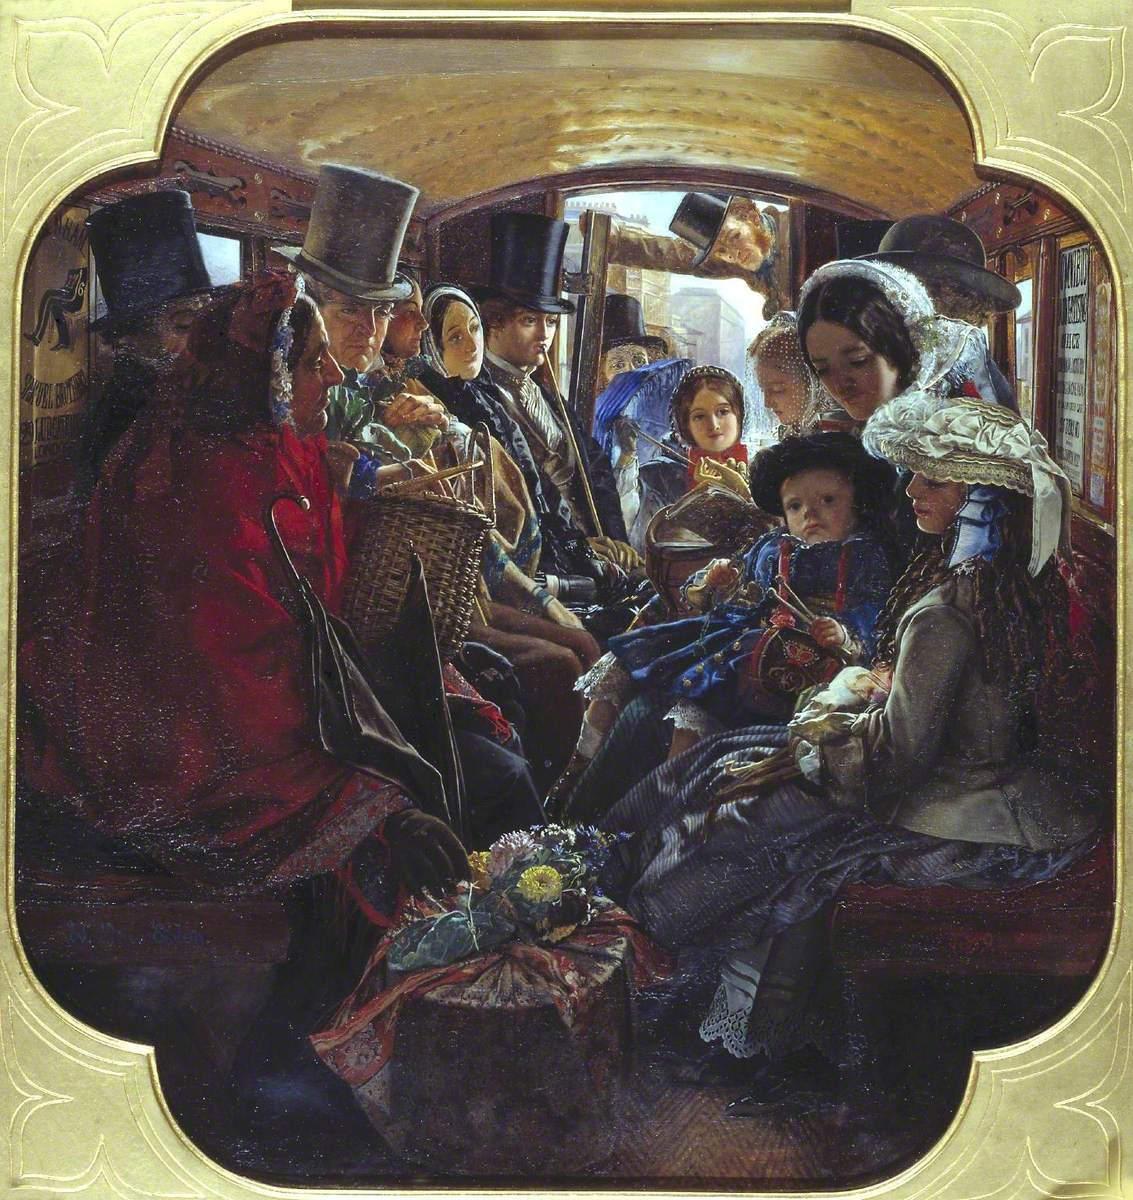 William Maw Egley,Omnibus Life in London